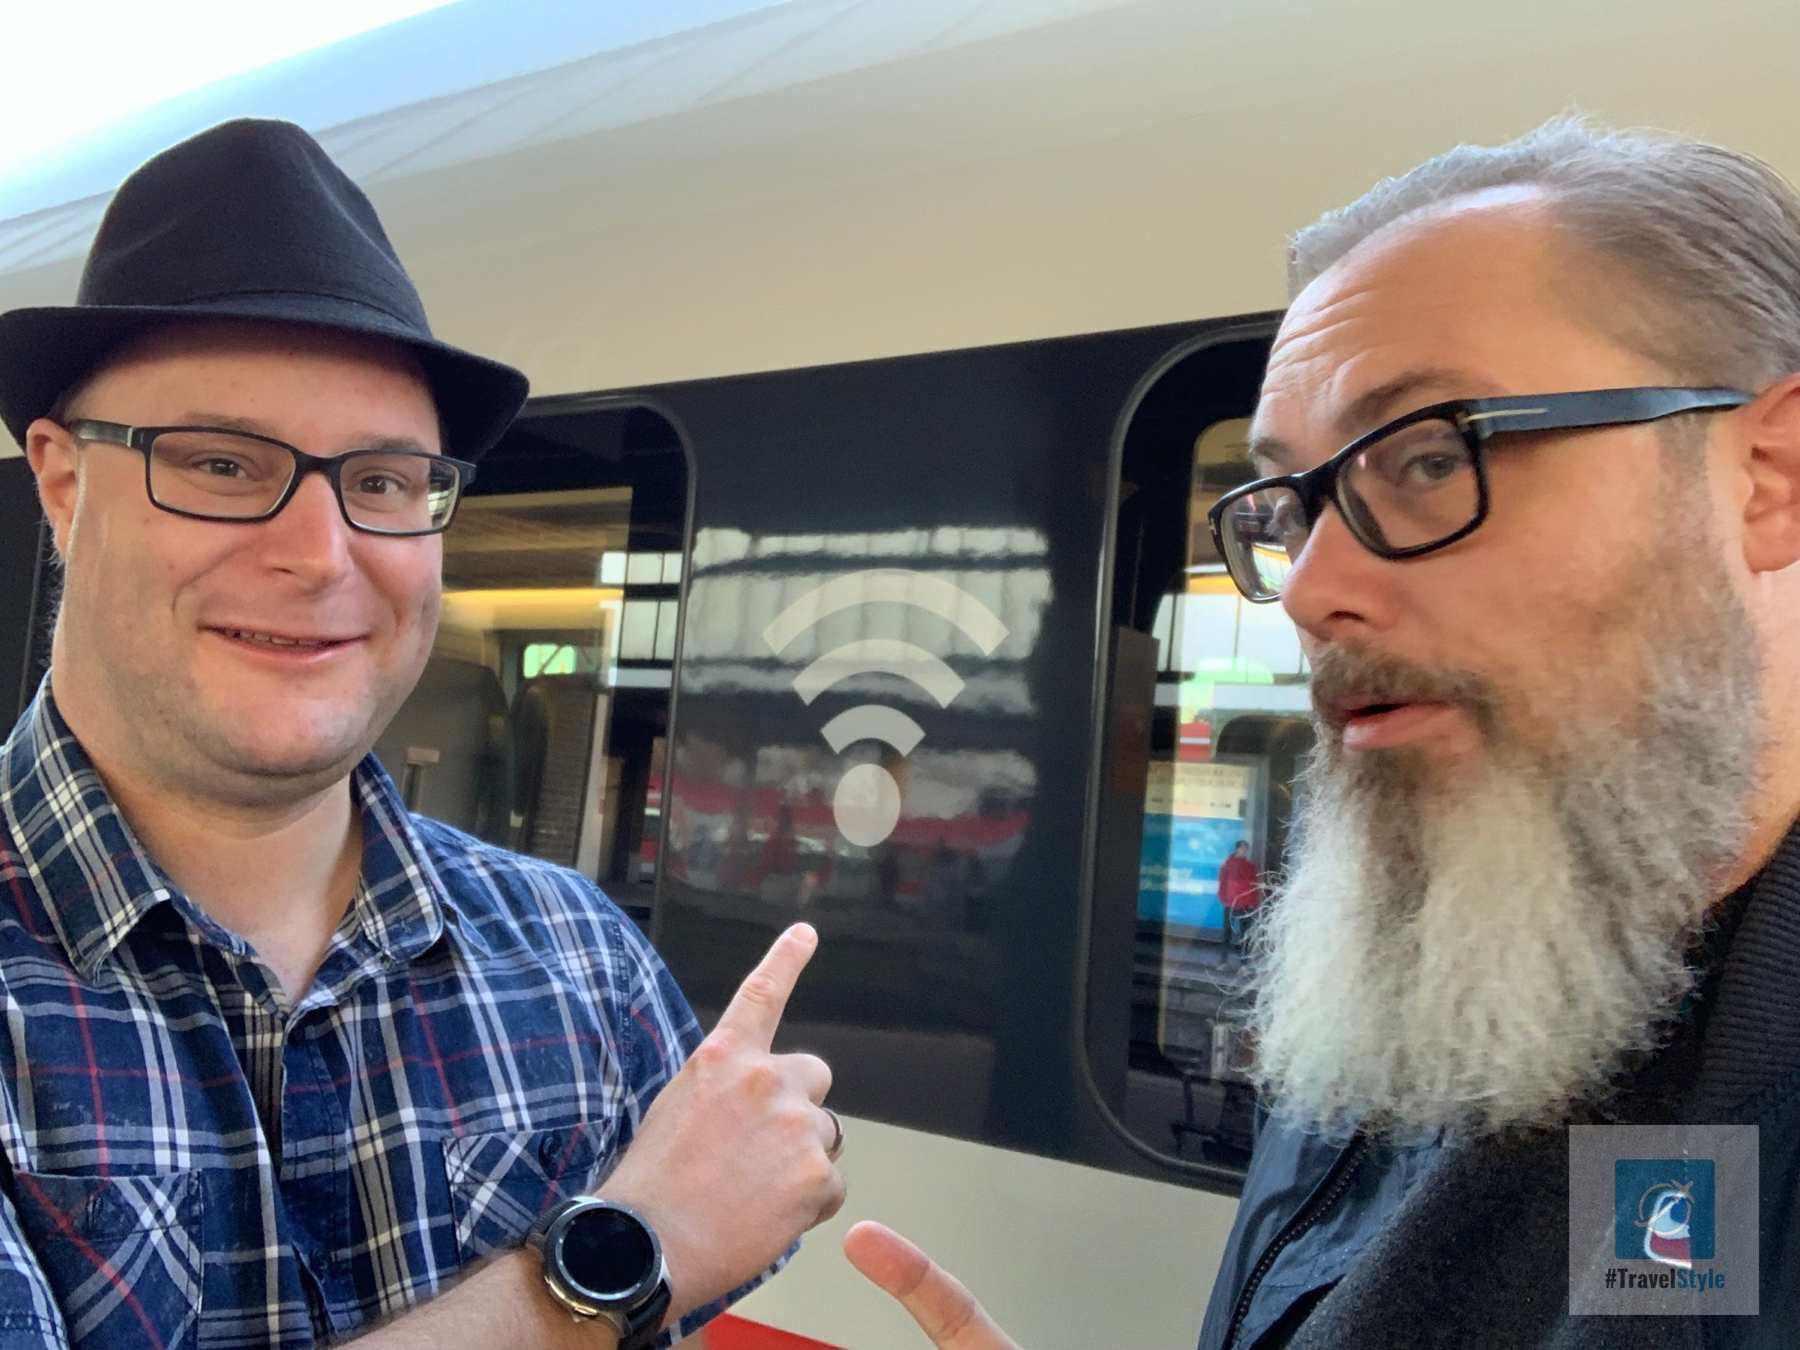 Achim und ich beim Suchen vom WLAN in der deutschen Bahn